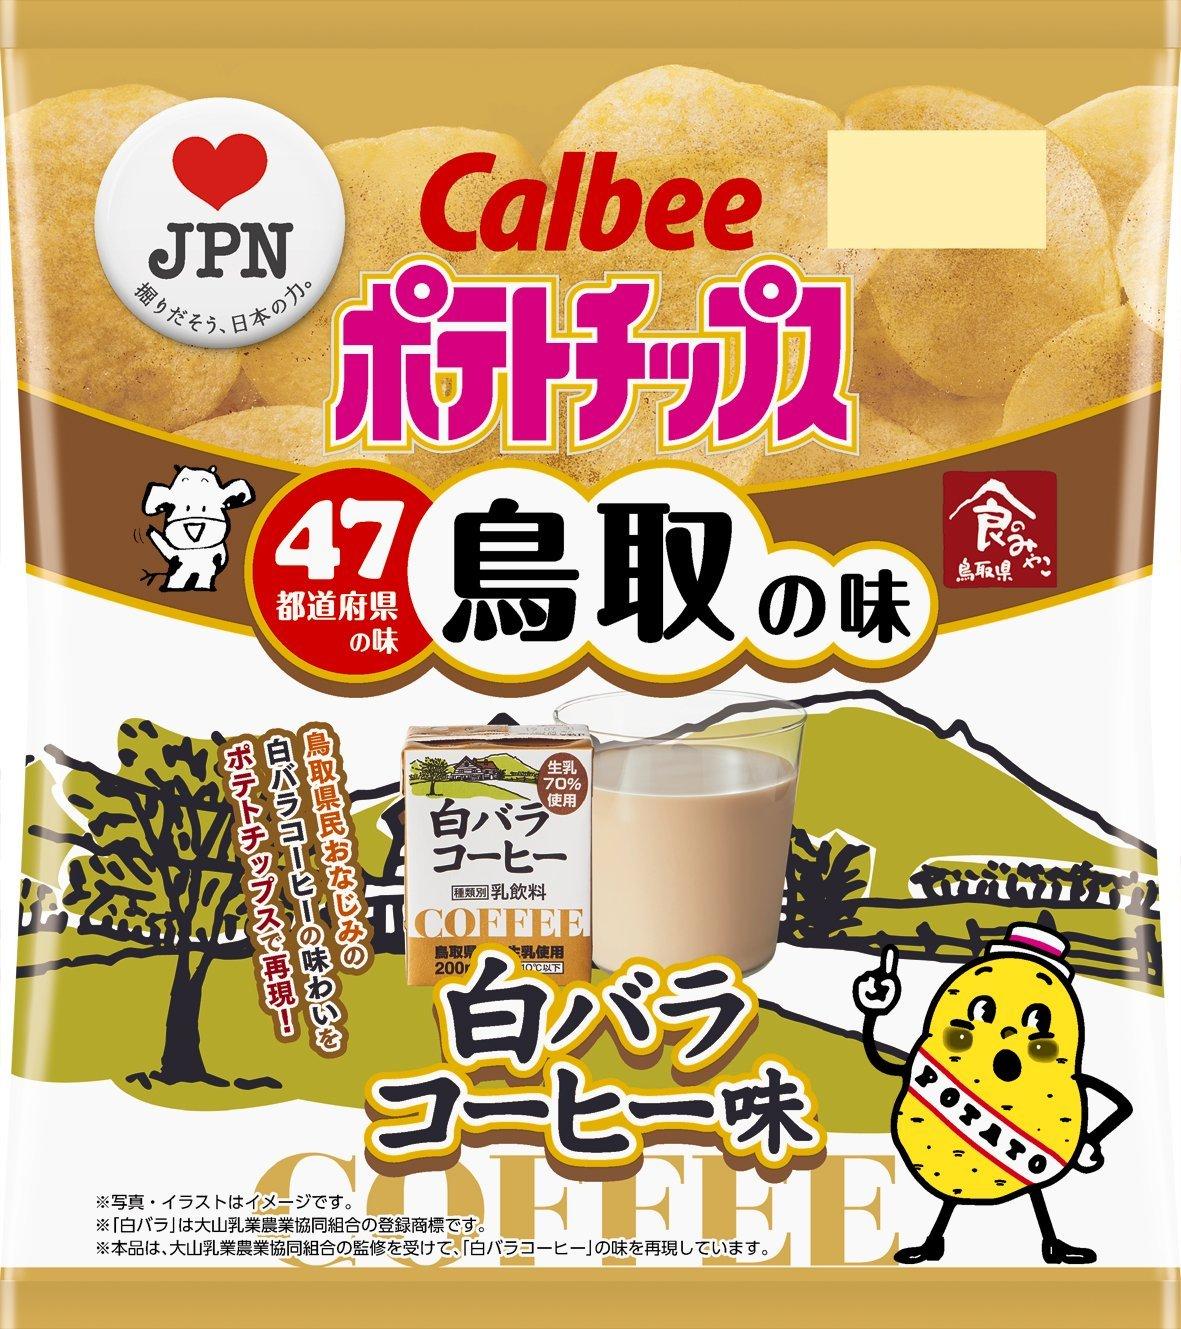 【鳥取】ポテトチップス 白バラコーヒー味